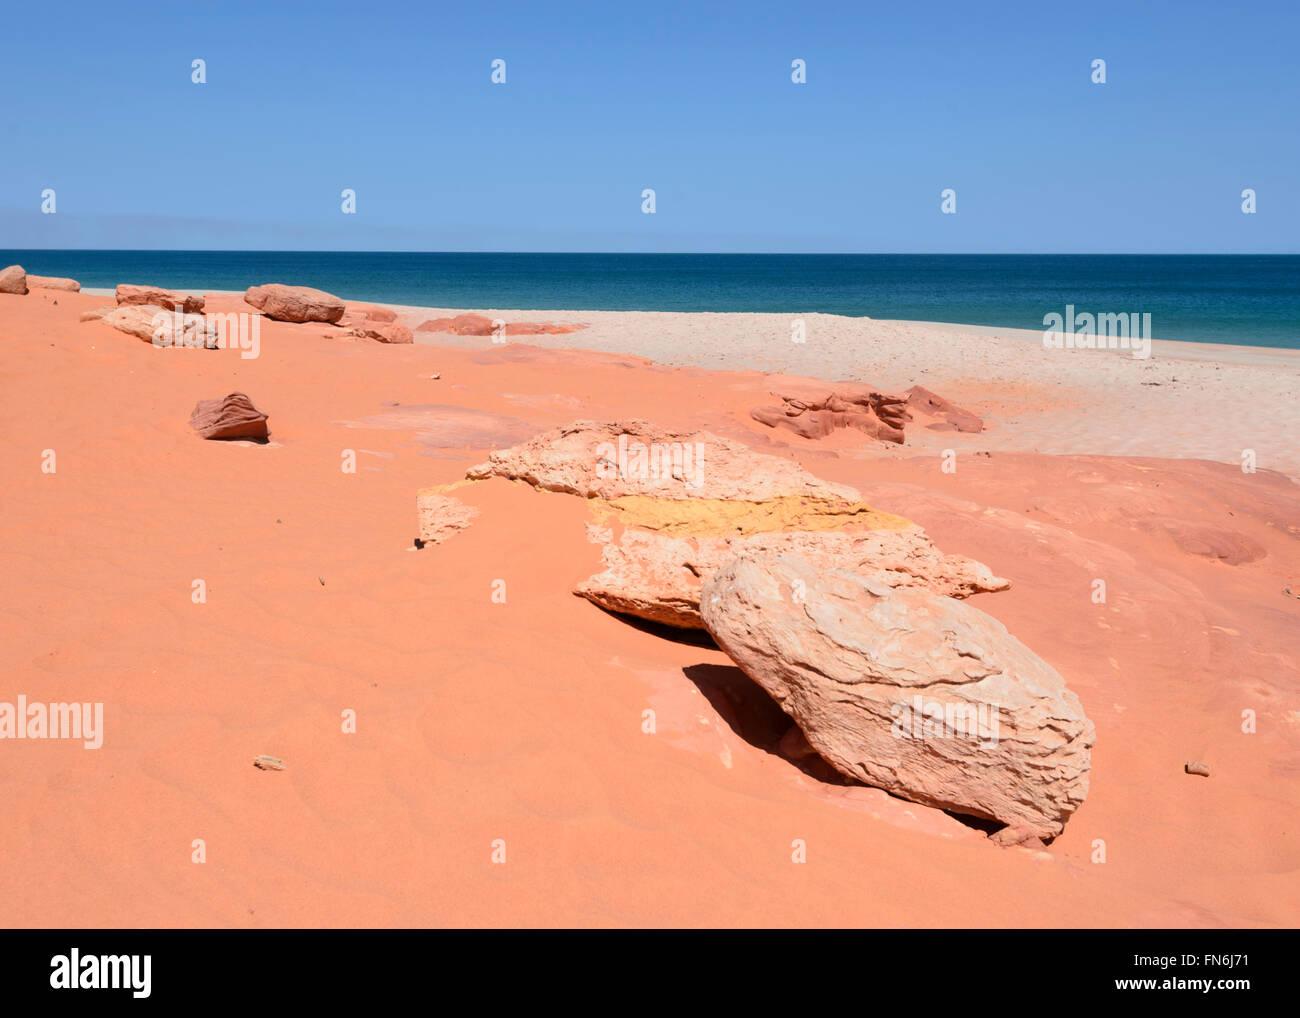 Cape Leveque, péninsule Dampier, région de Kimberley, en Australie occidentale, WA, Australia Banque D'Images